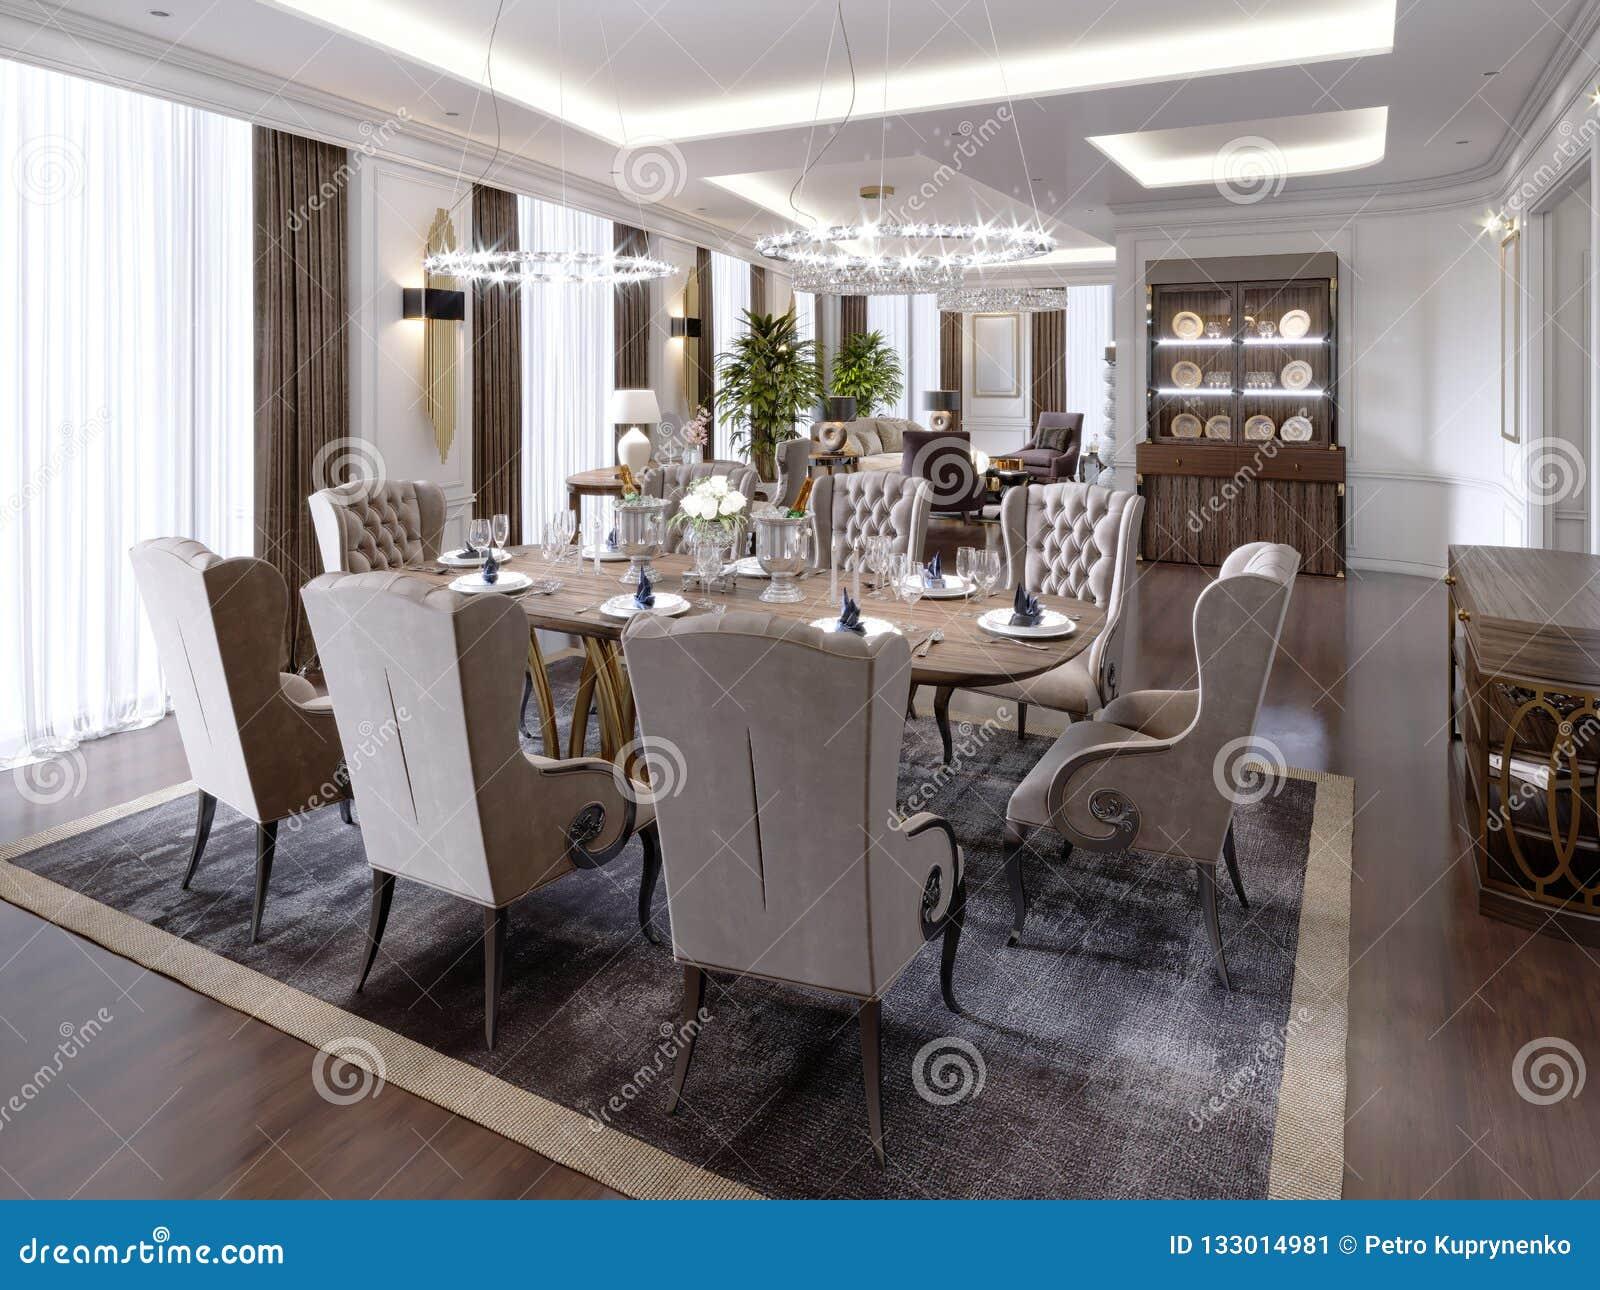 Rideaux Pour Salle A Manger Moderne une chambre d'hôtel avec un salon et une salle à manger et